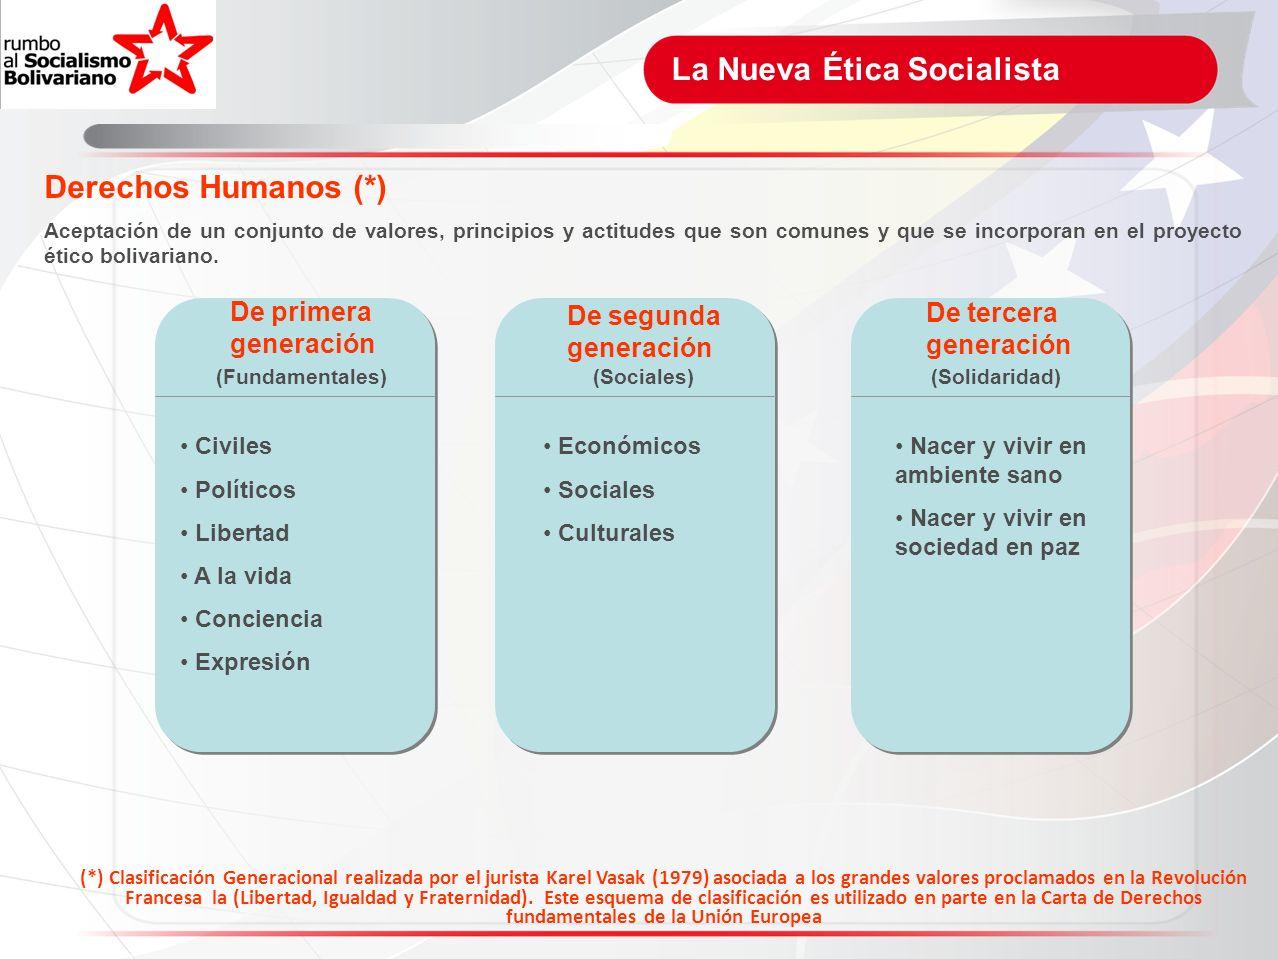 La Nueva Ética Socialista